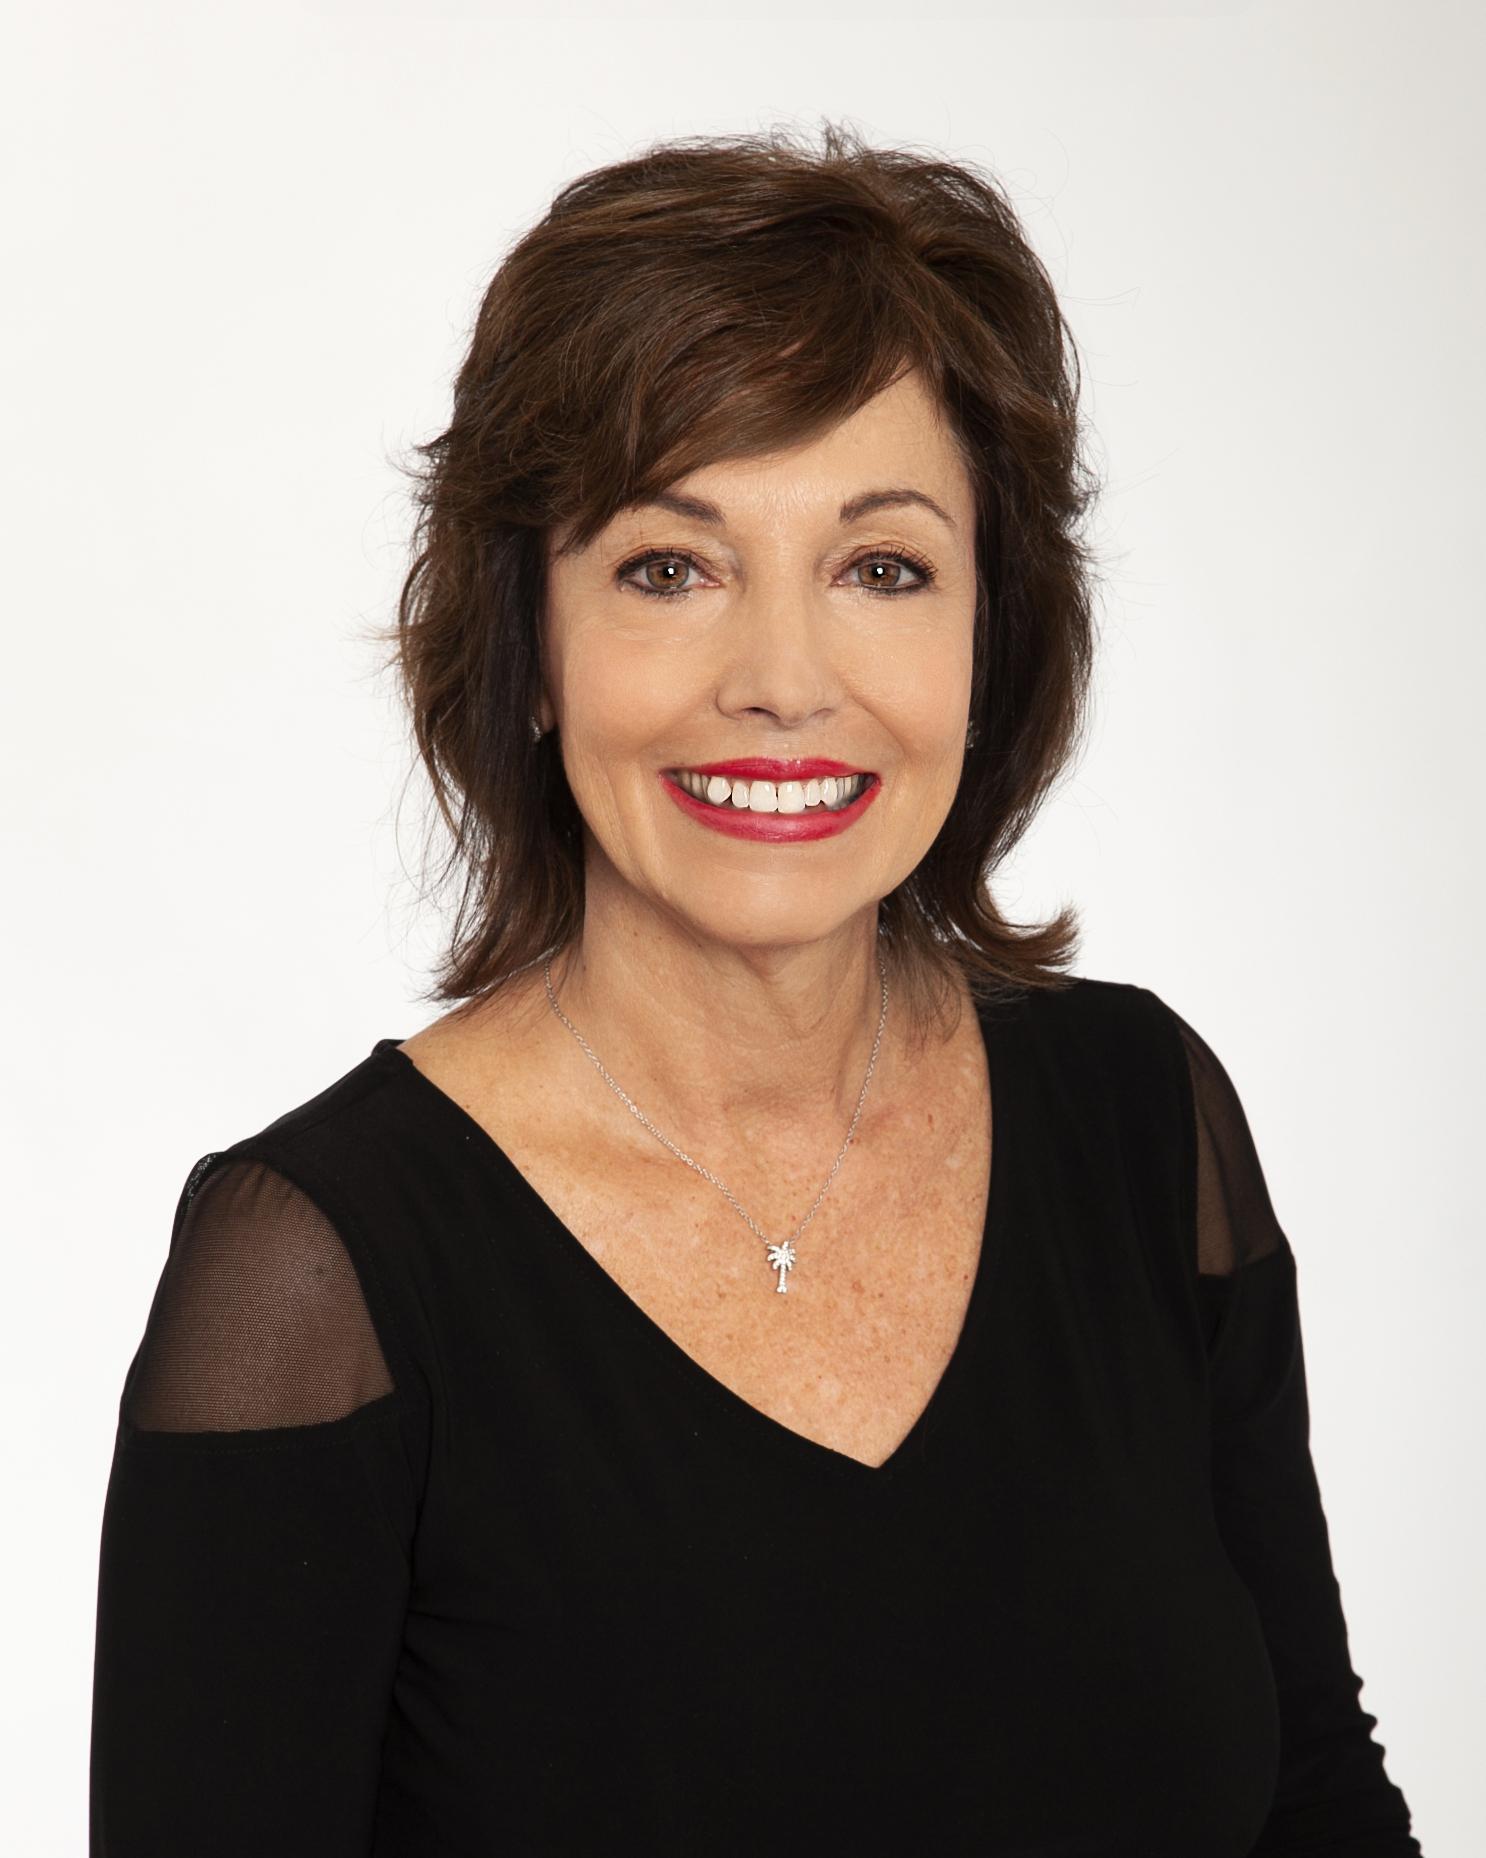 Lori Blass